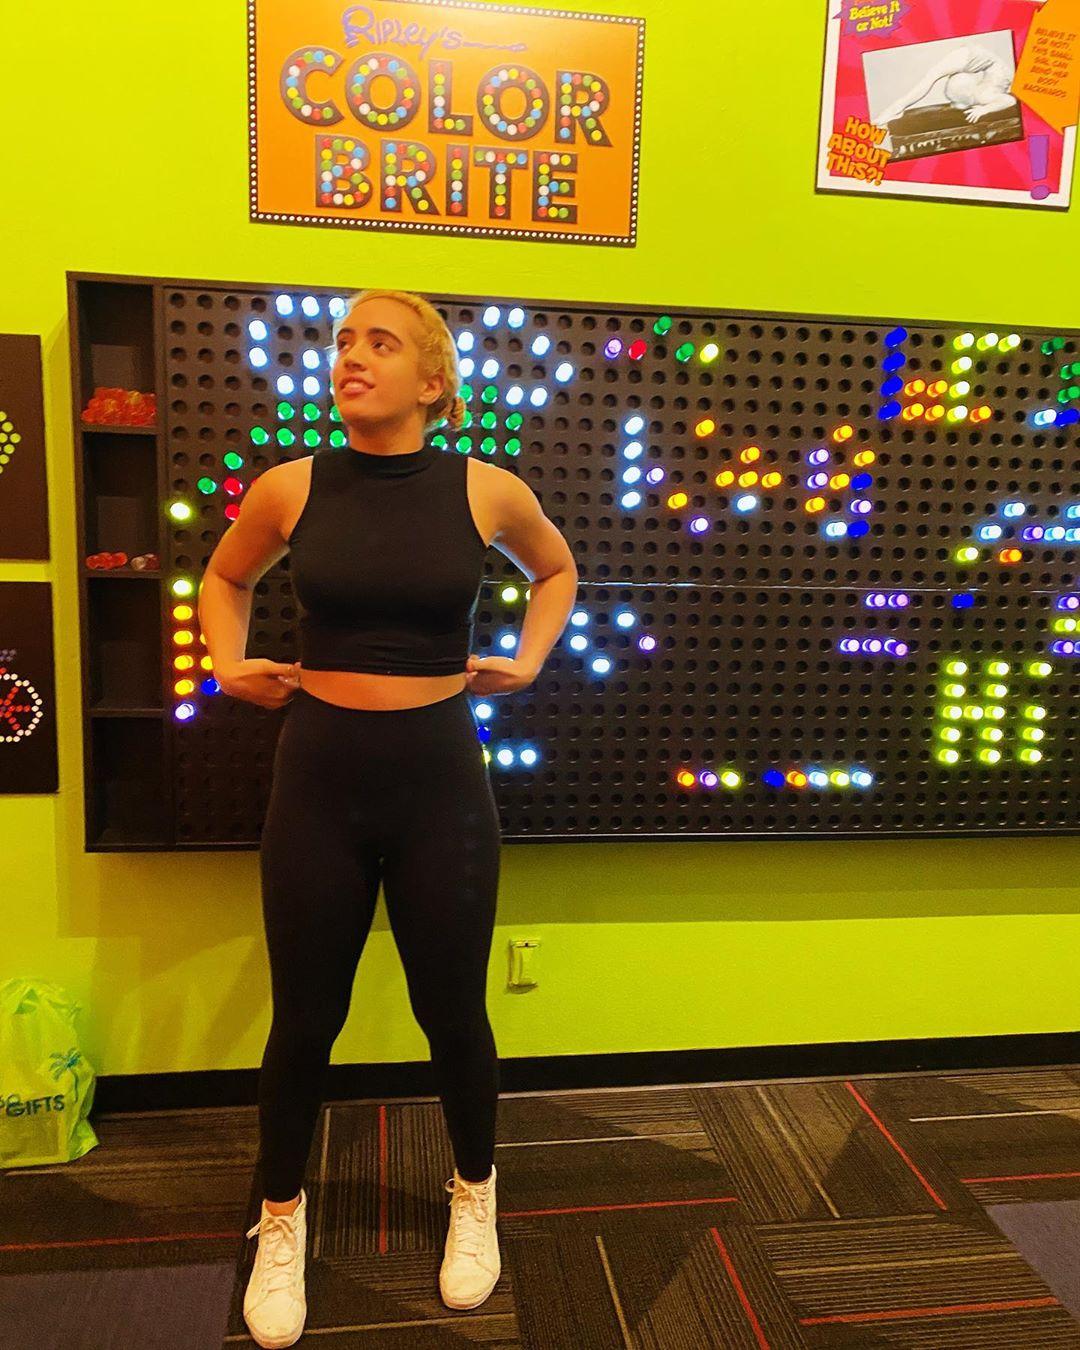 Симона Джонсон в спортивном зале в черной спортивной одежде